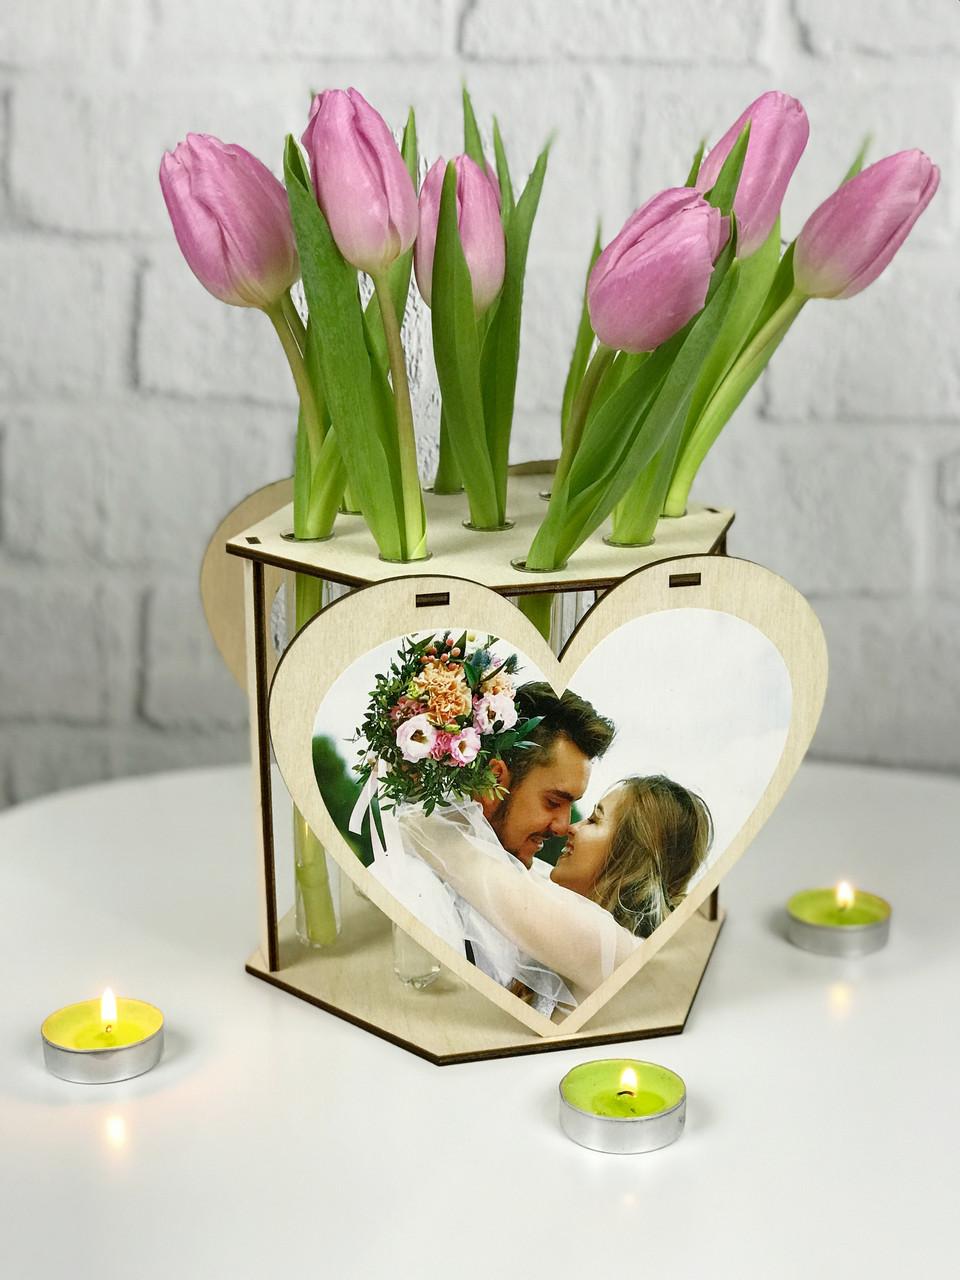 Дизайнерская подставка для цветов со стеклянными колбами и фото на заказ